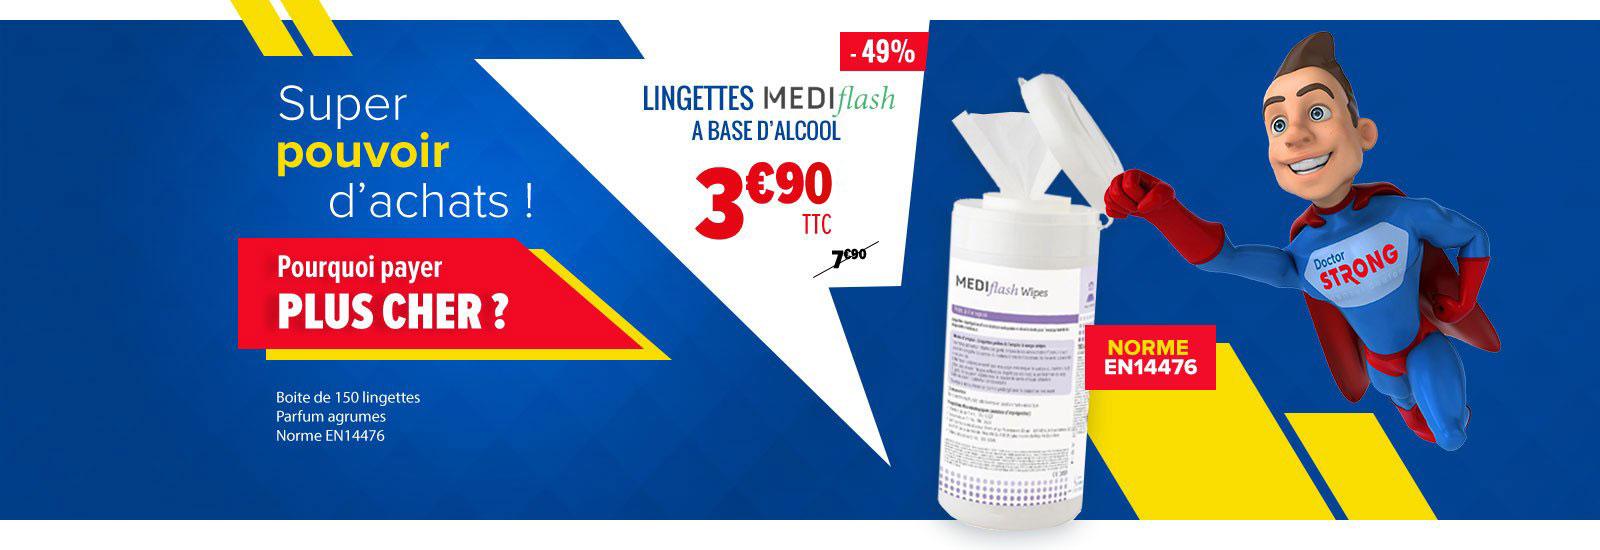 Lingettes Mediflash